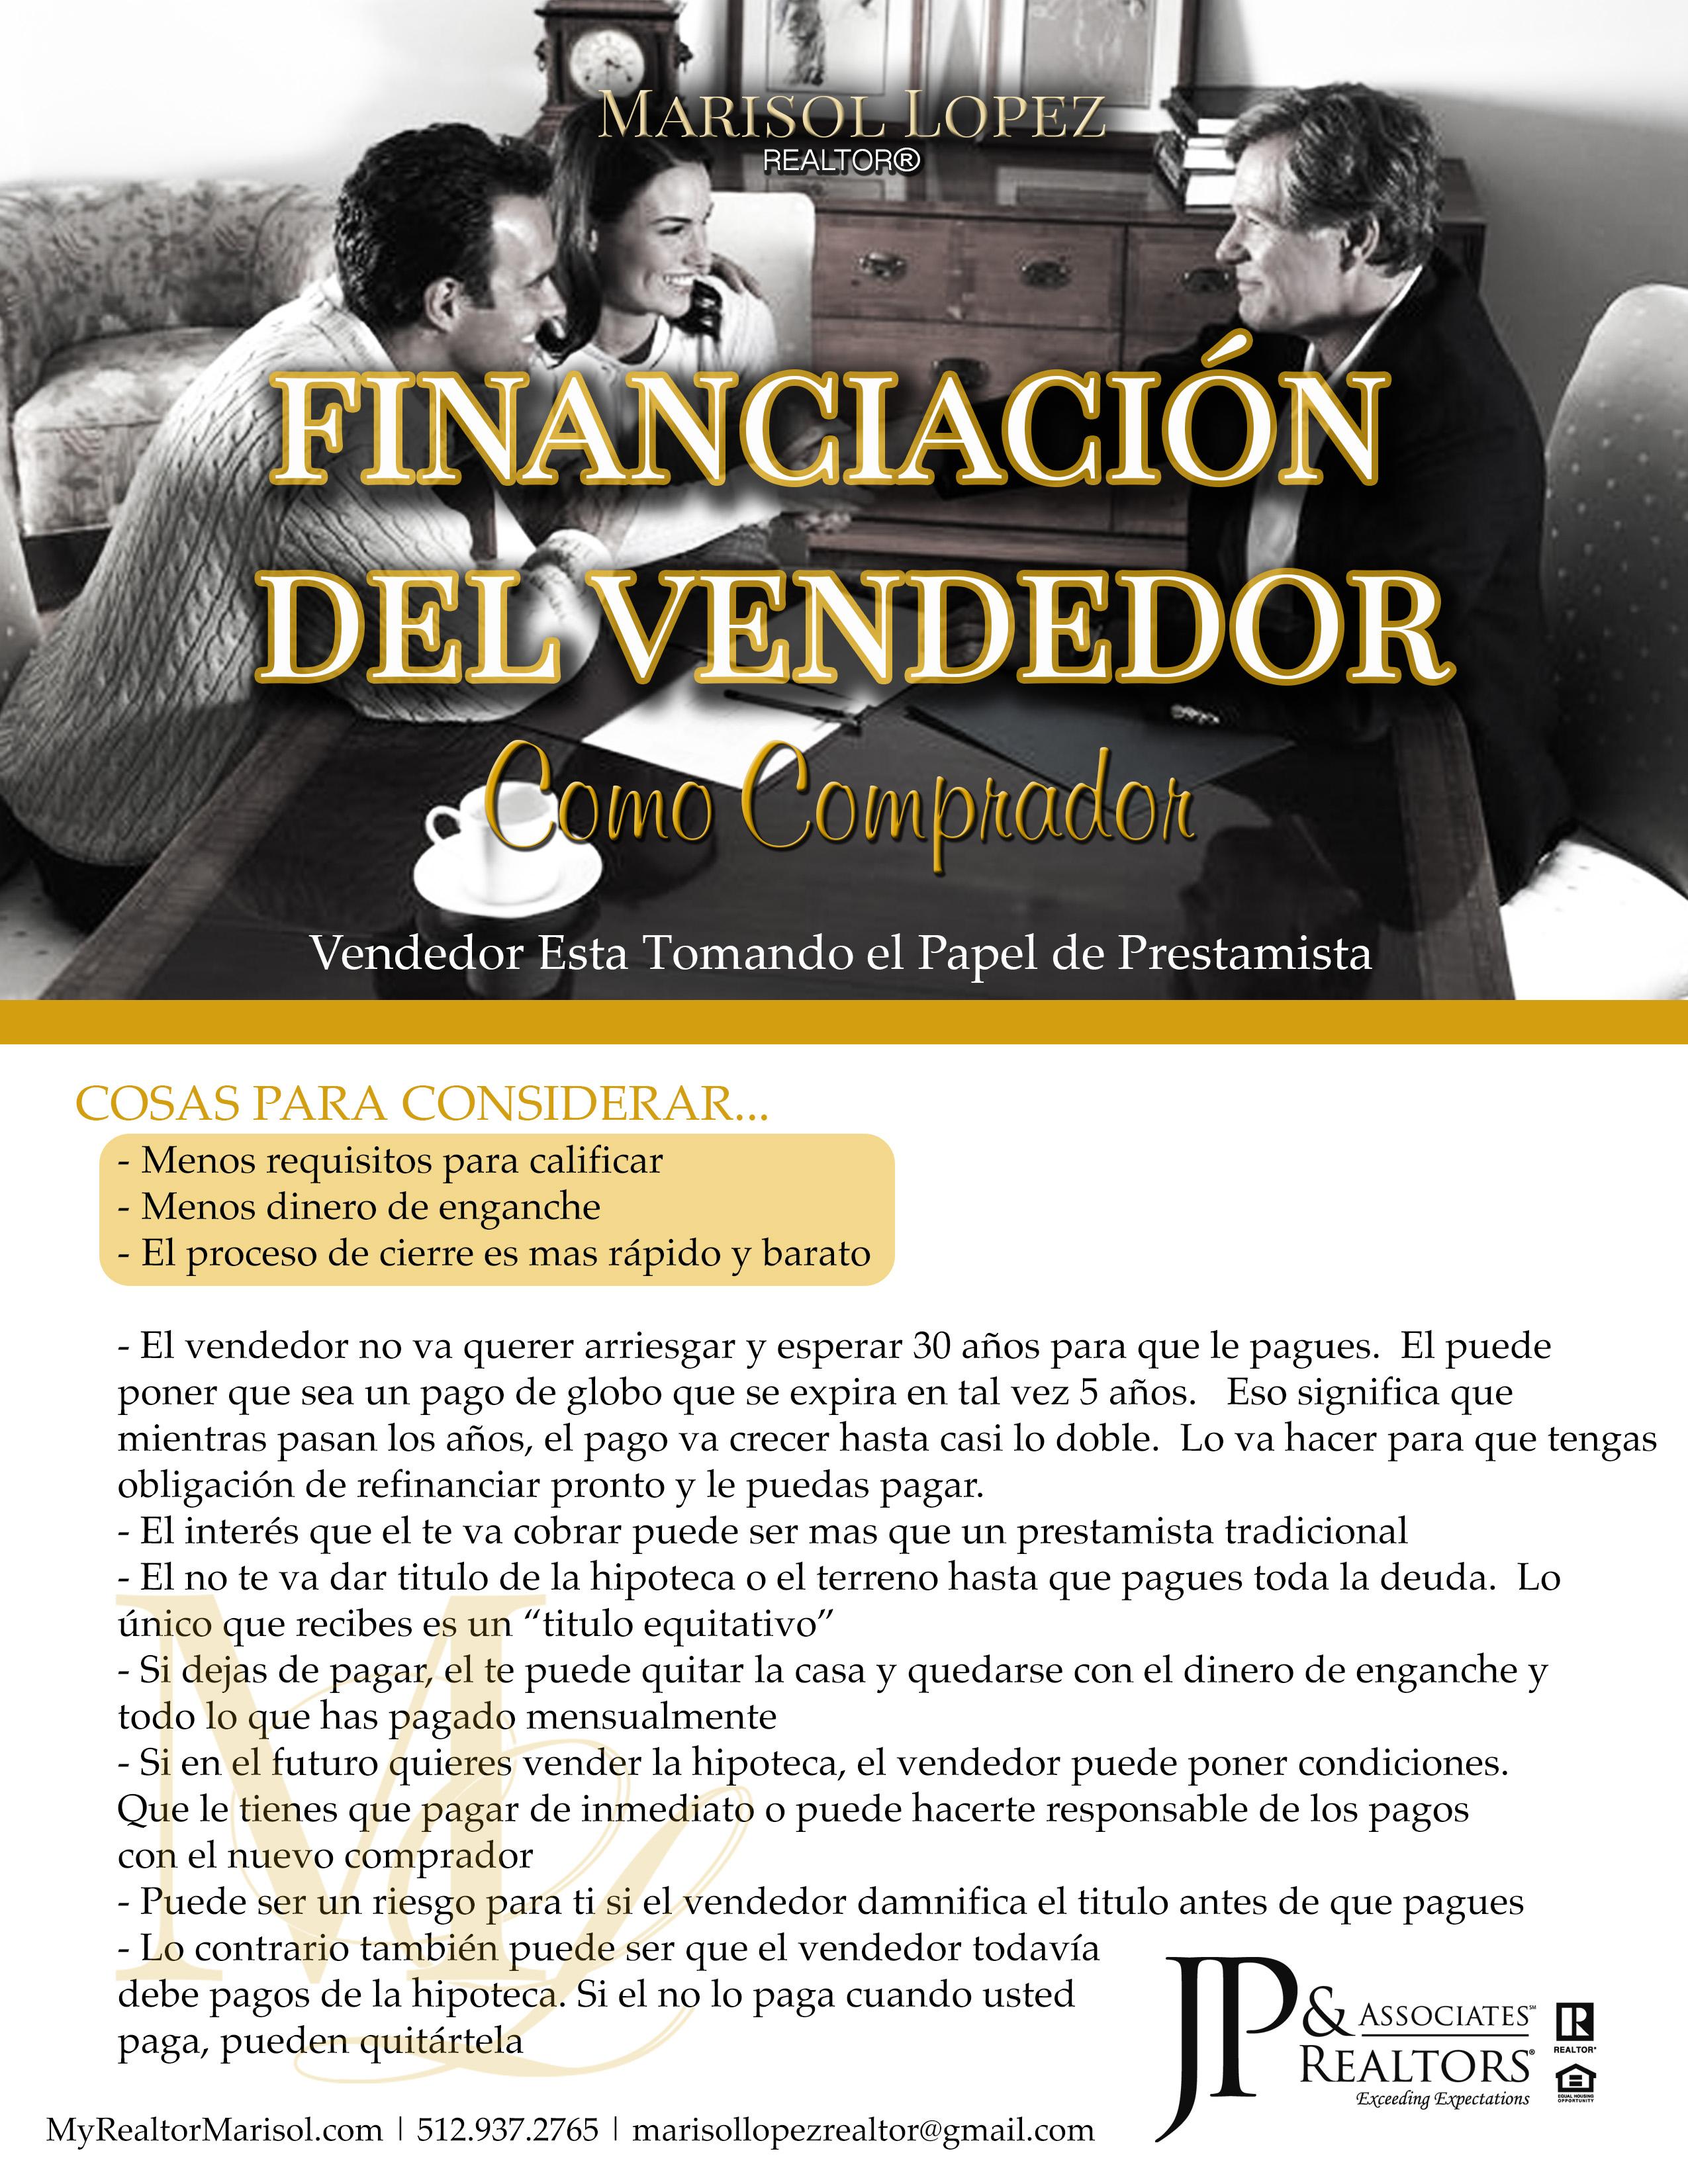 Financiacion Del Vendedor